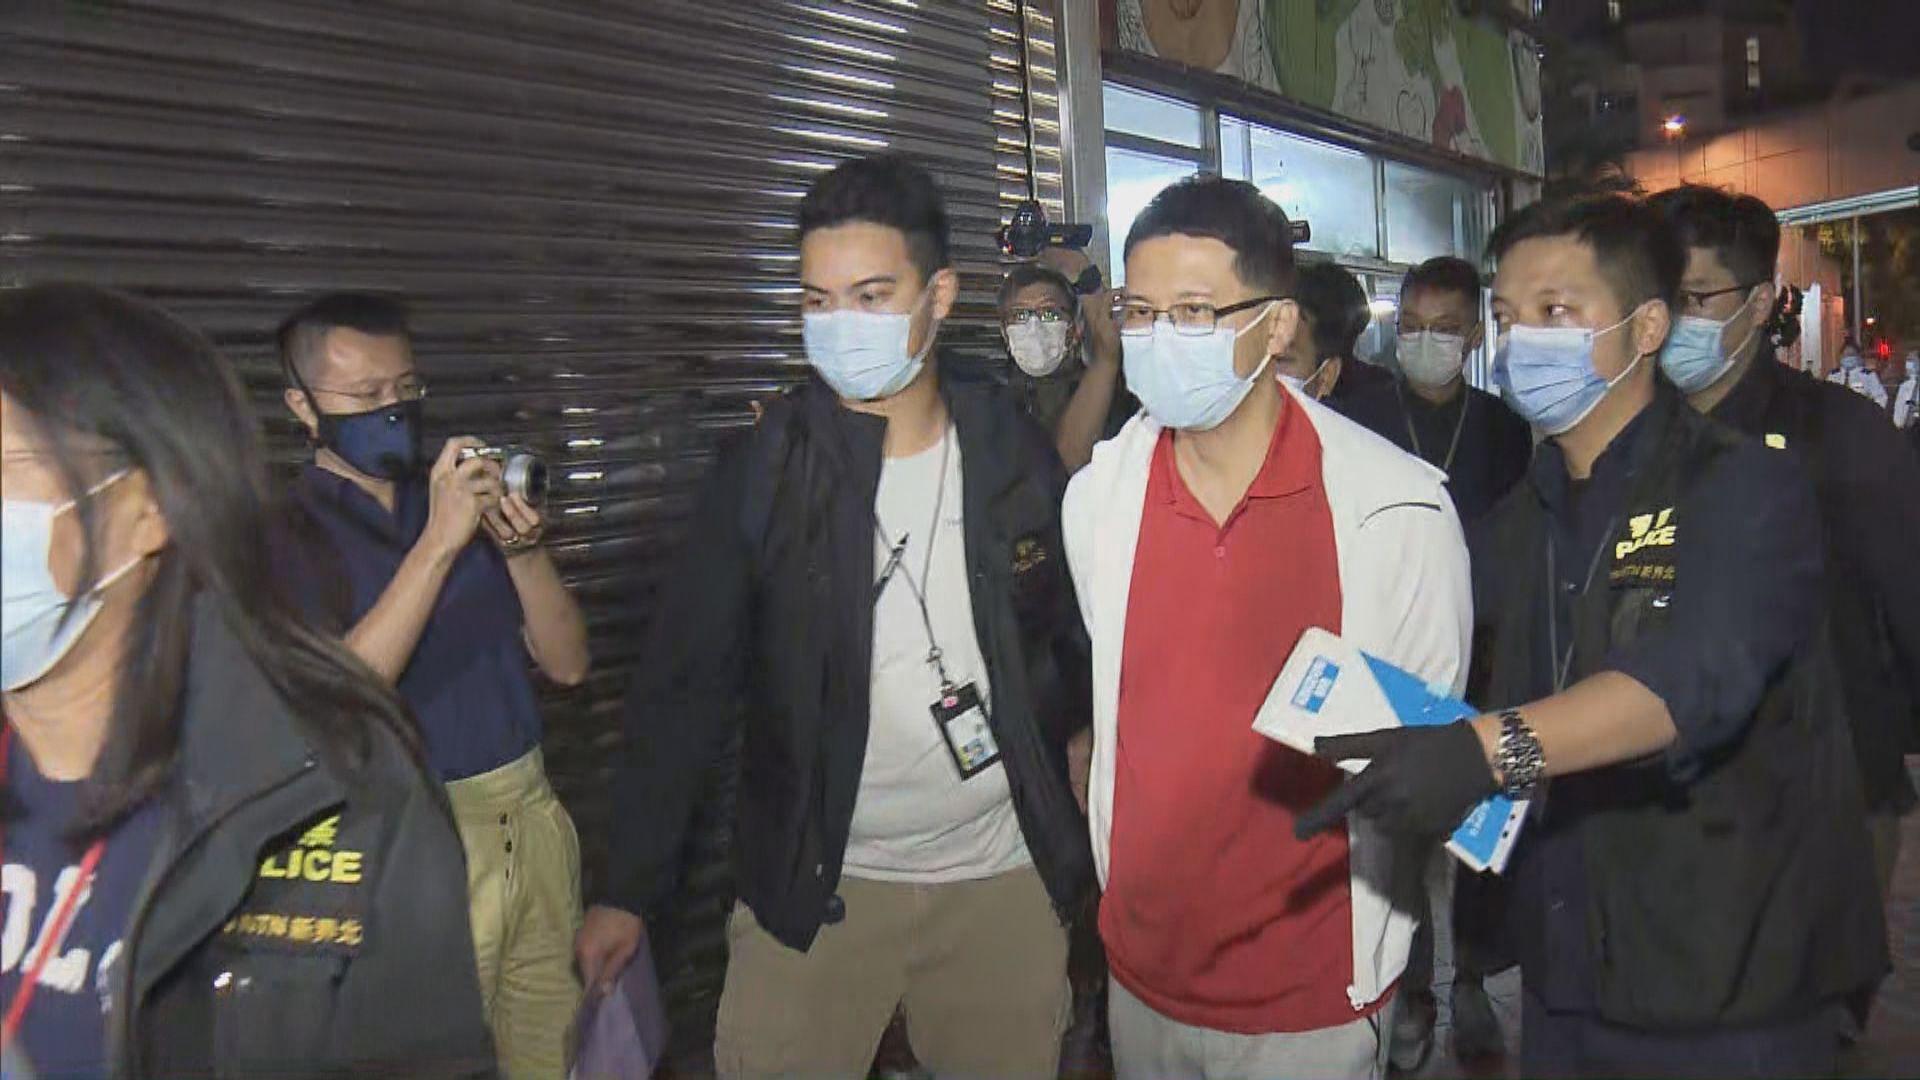 涉浪費警力被捕 盧俊宇指上周帖文部分內容不實致歉